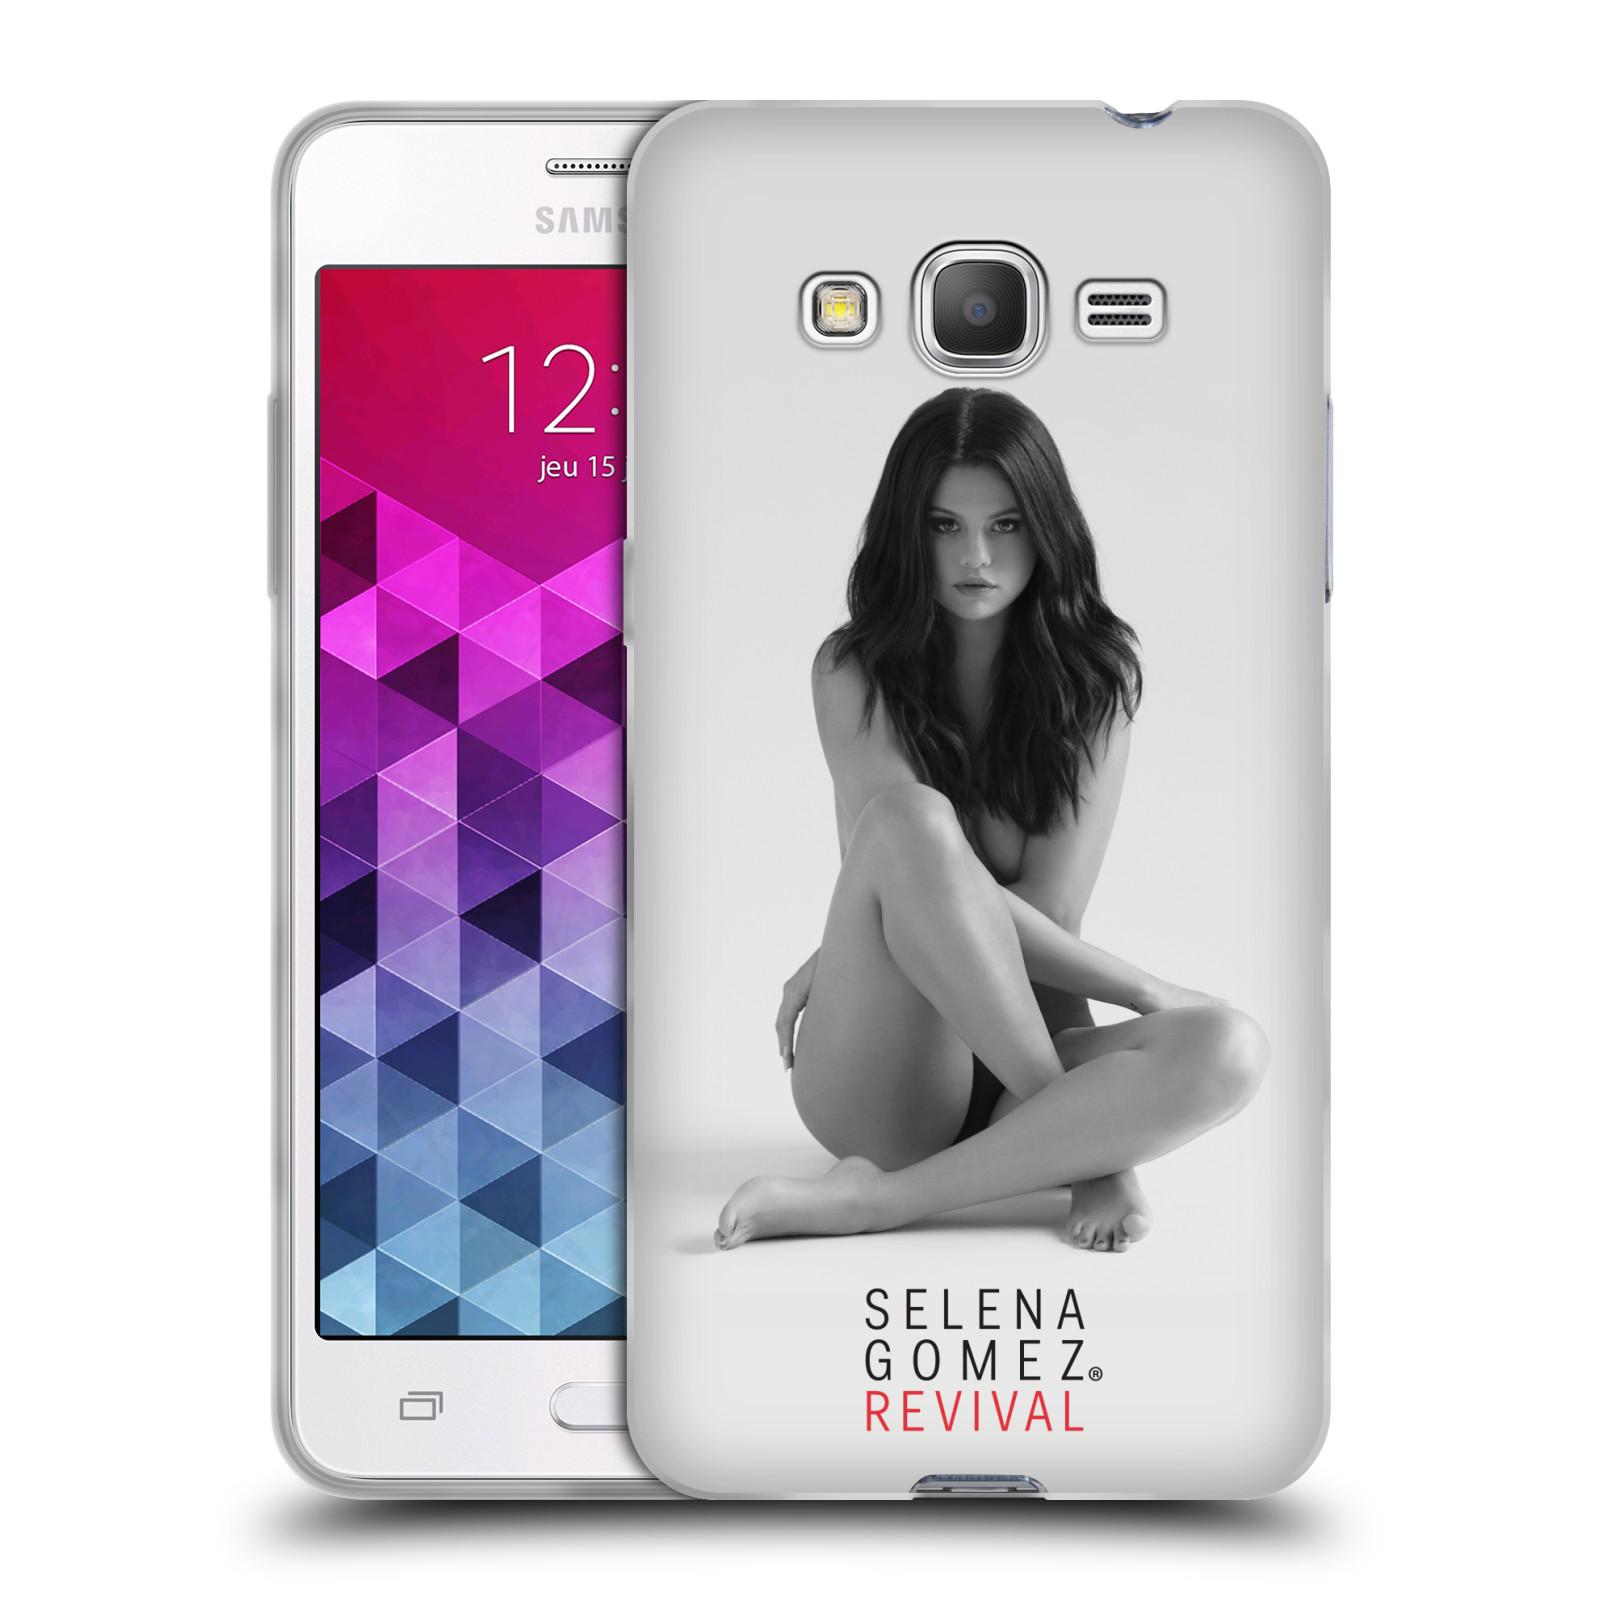 HEAD CASE silikonový obal na mobil Samsung Galaxy Grand Prime Zpěvačka Selena Gomez foto Revival